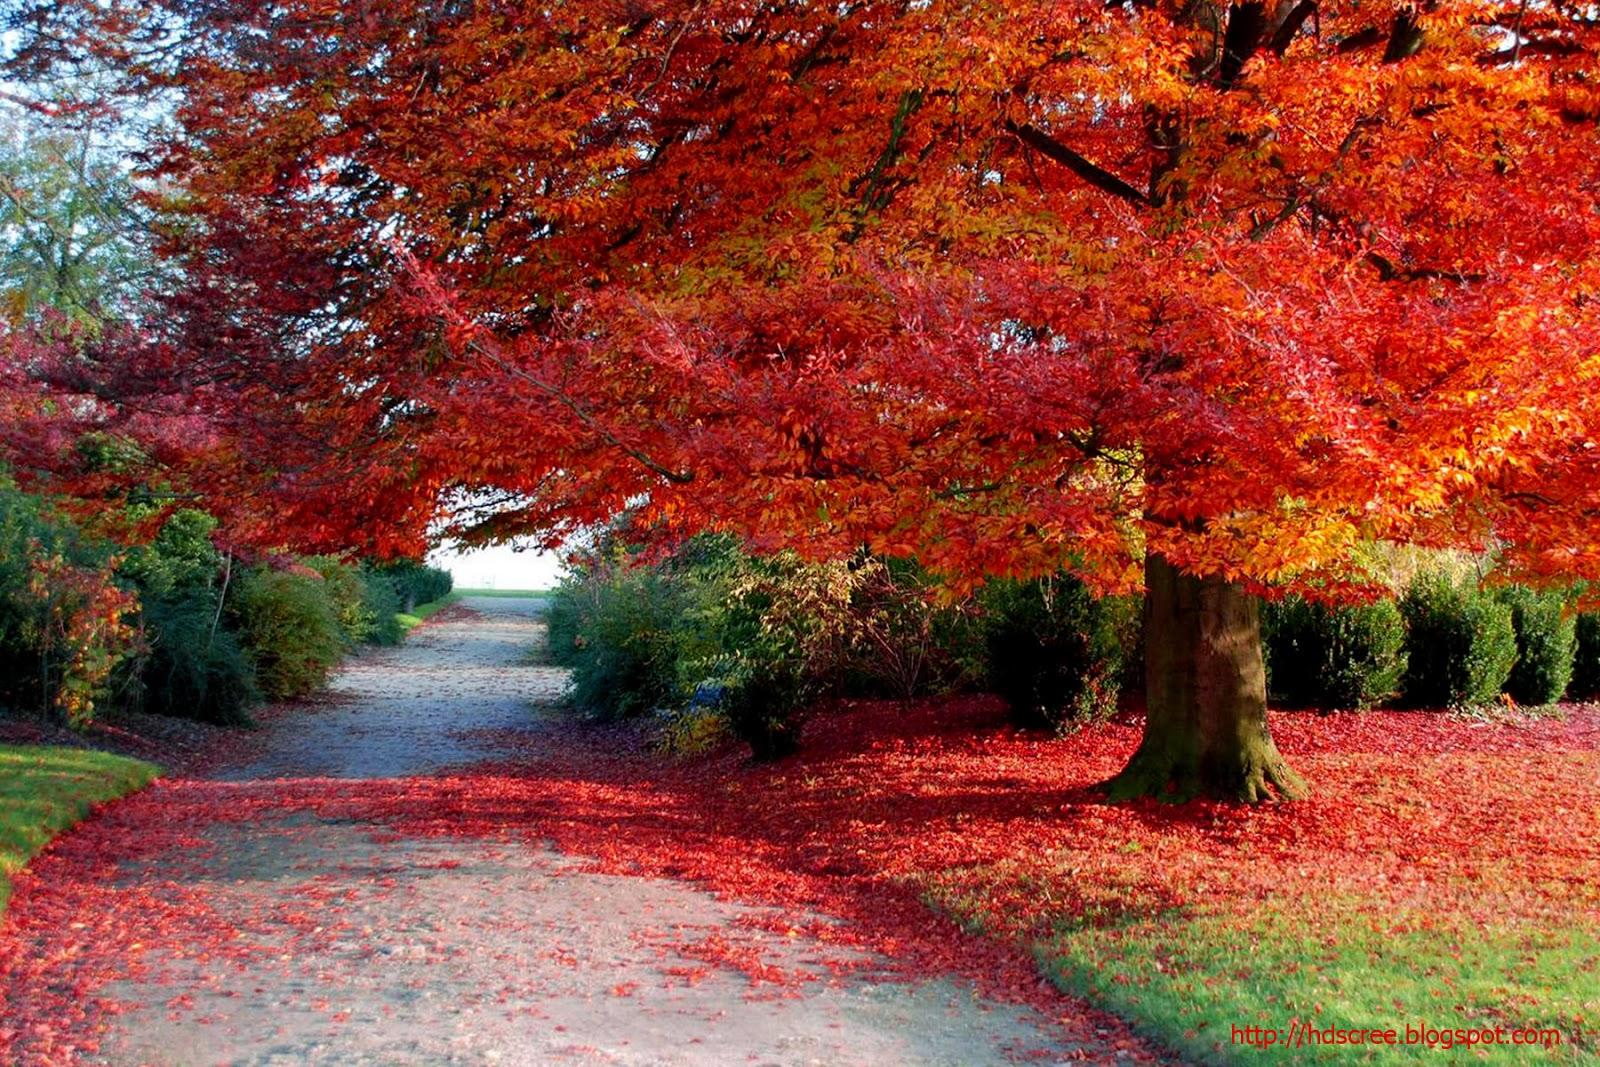 hd natural image beautiful - photo #27